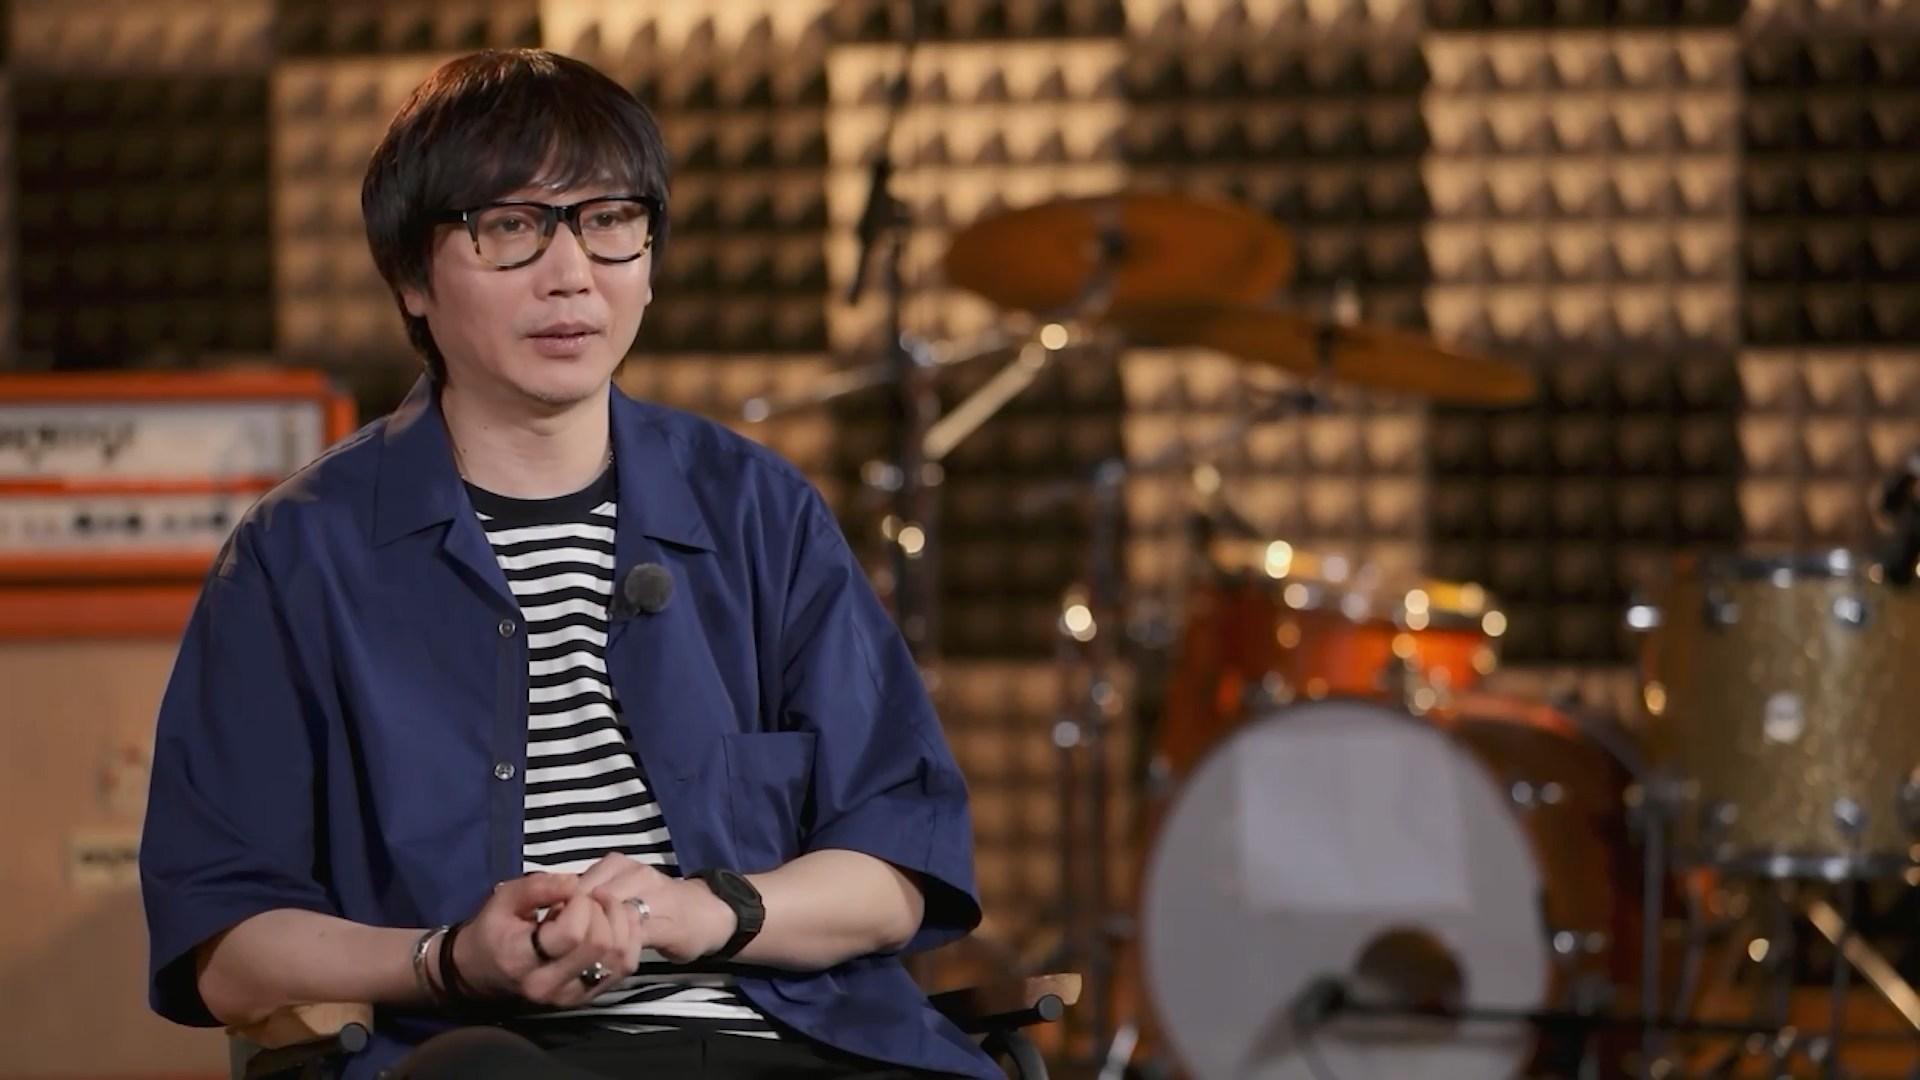 专访音乐制作人张亚东